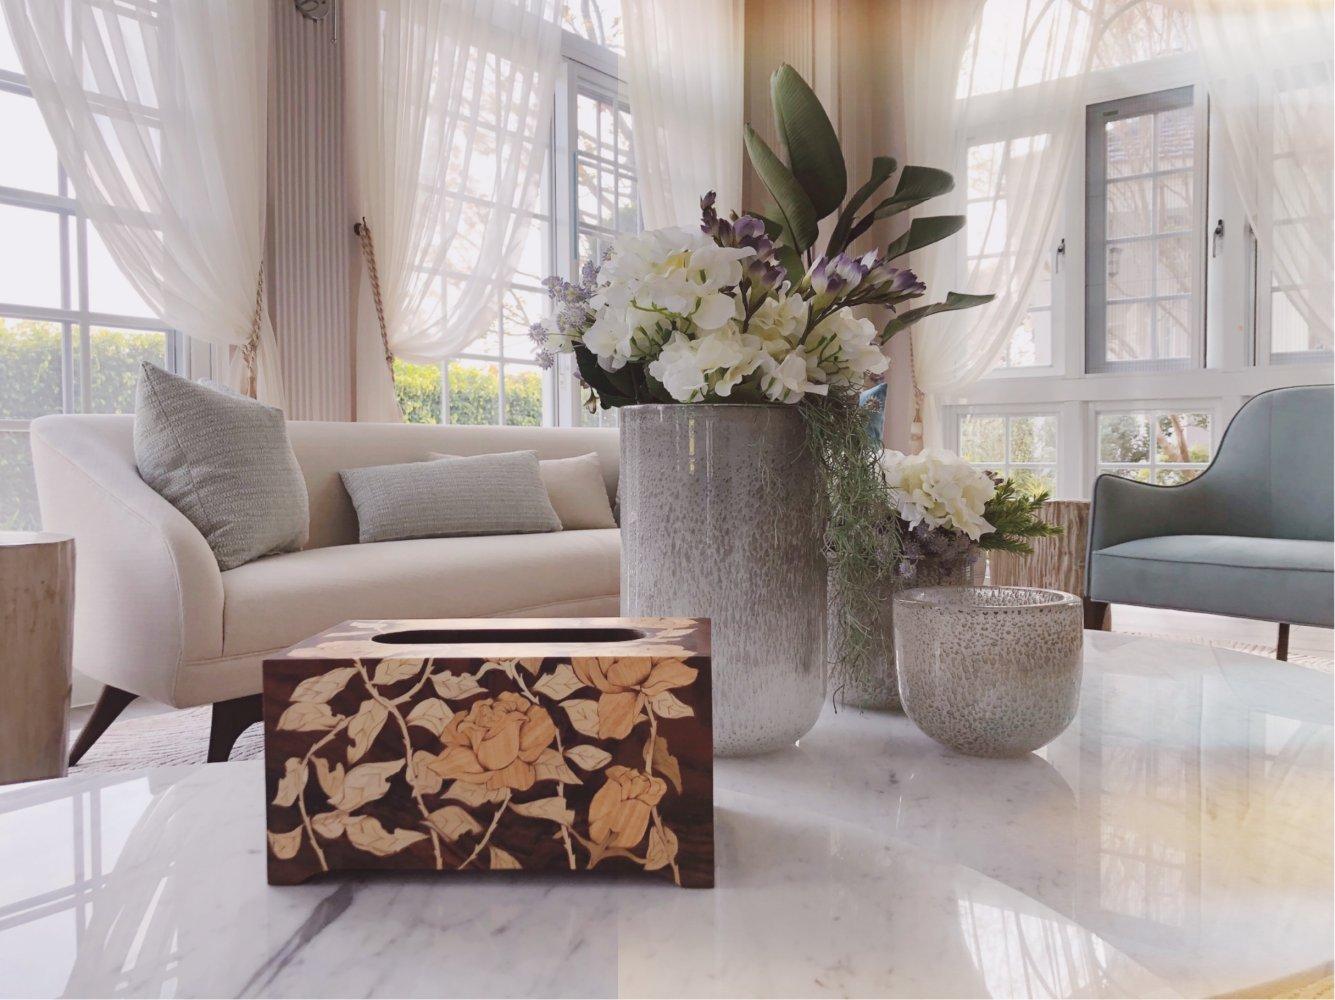 客戶用心打造心中的夢想家,希望家中擺設也要精美! 於是來木箔挑選一系列面紙盒、桌飾... 整個擺設是不是美麗又溫馨😍